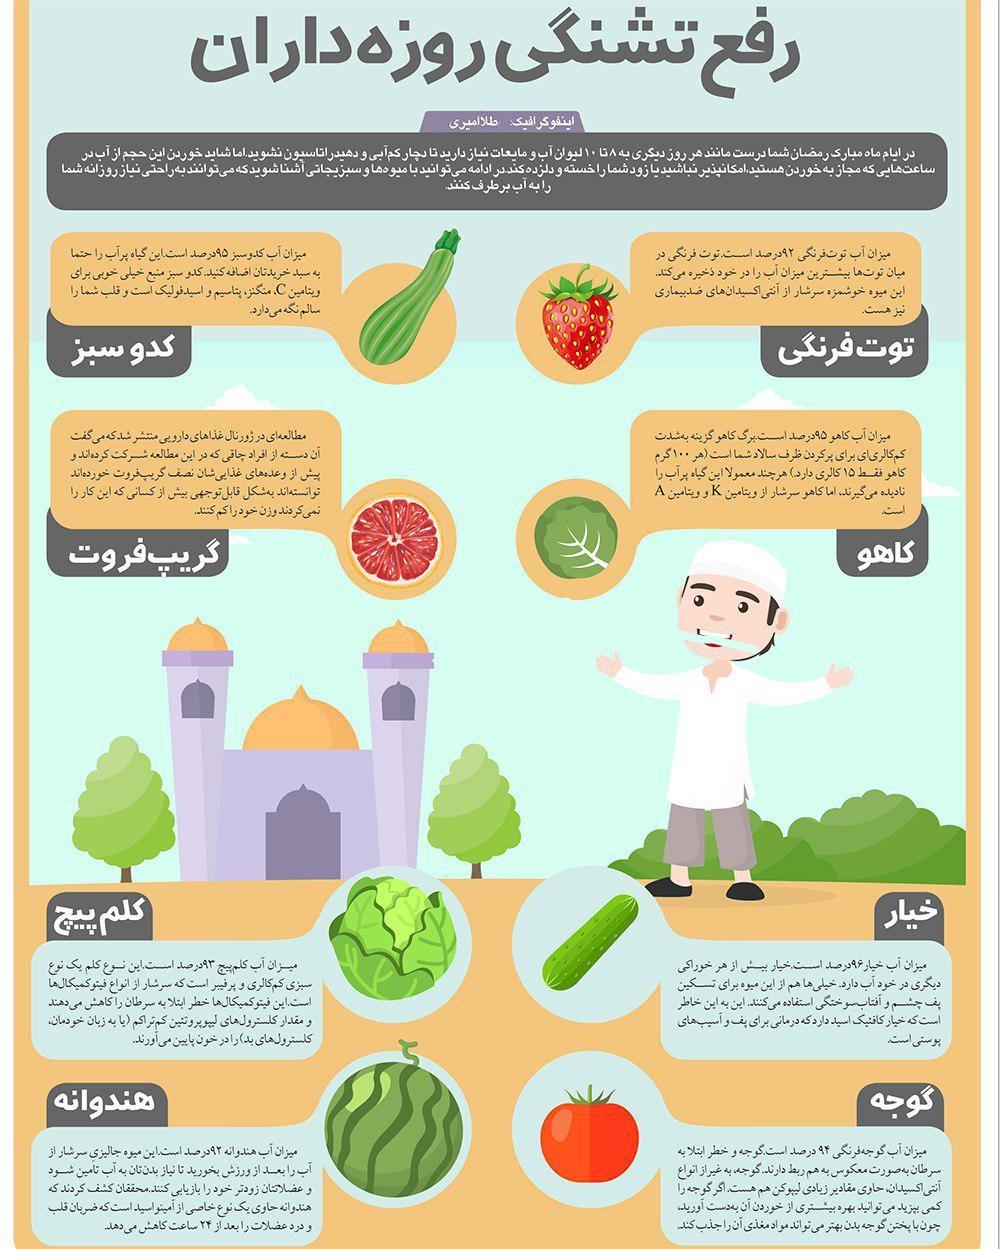 خوراکیهای ضد تشنگی در روزهای گرم ماه رمضان